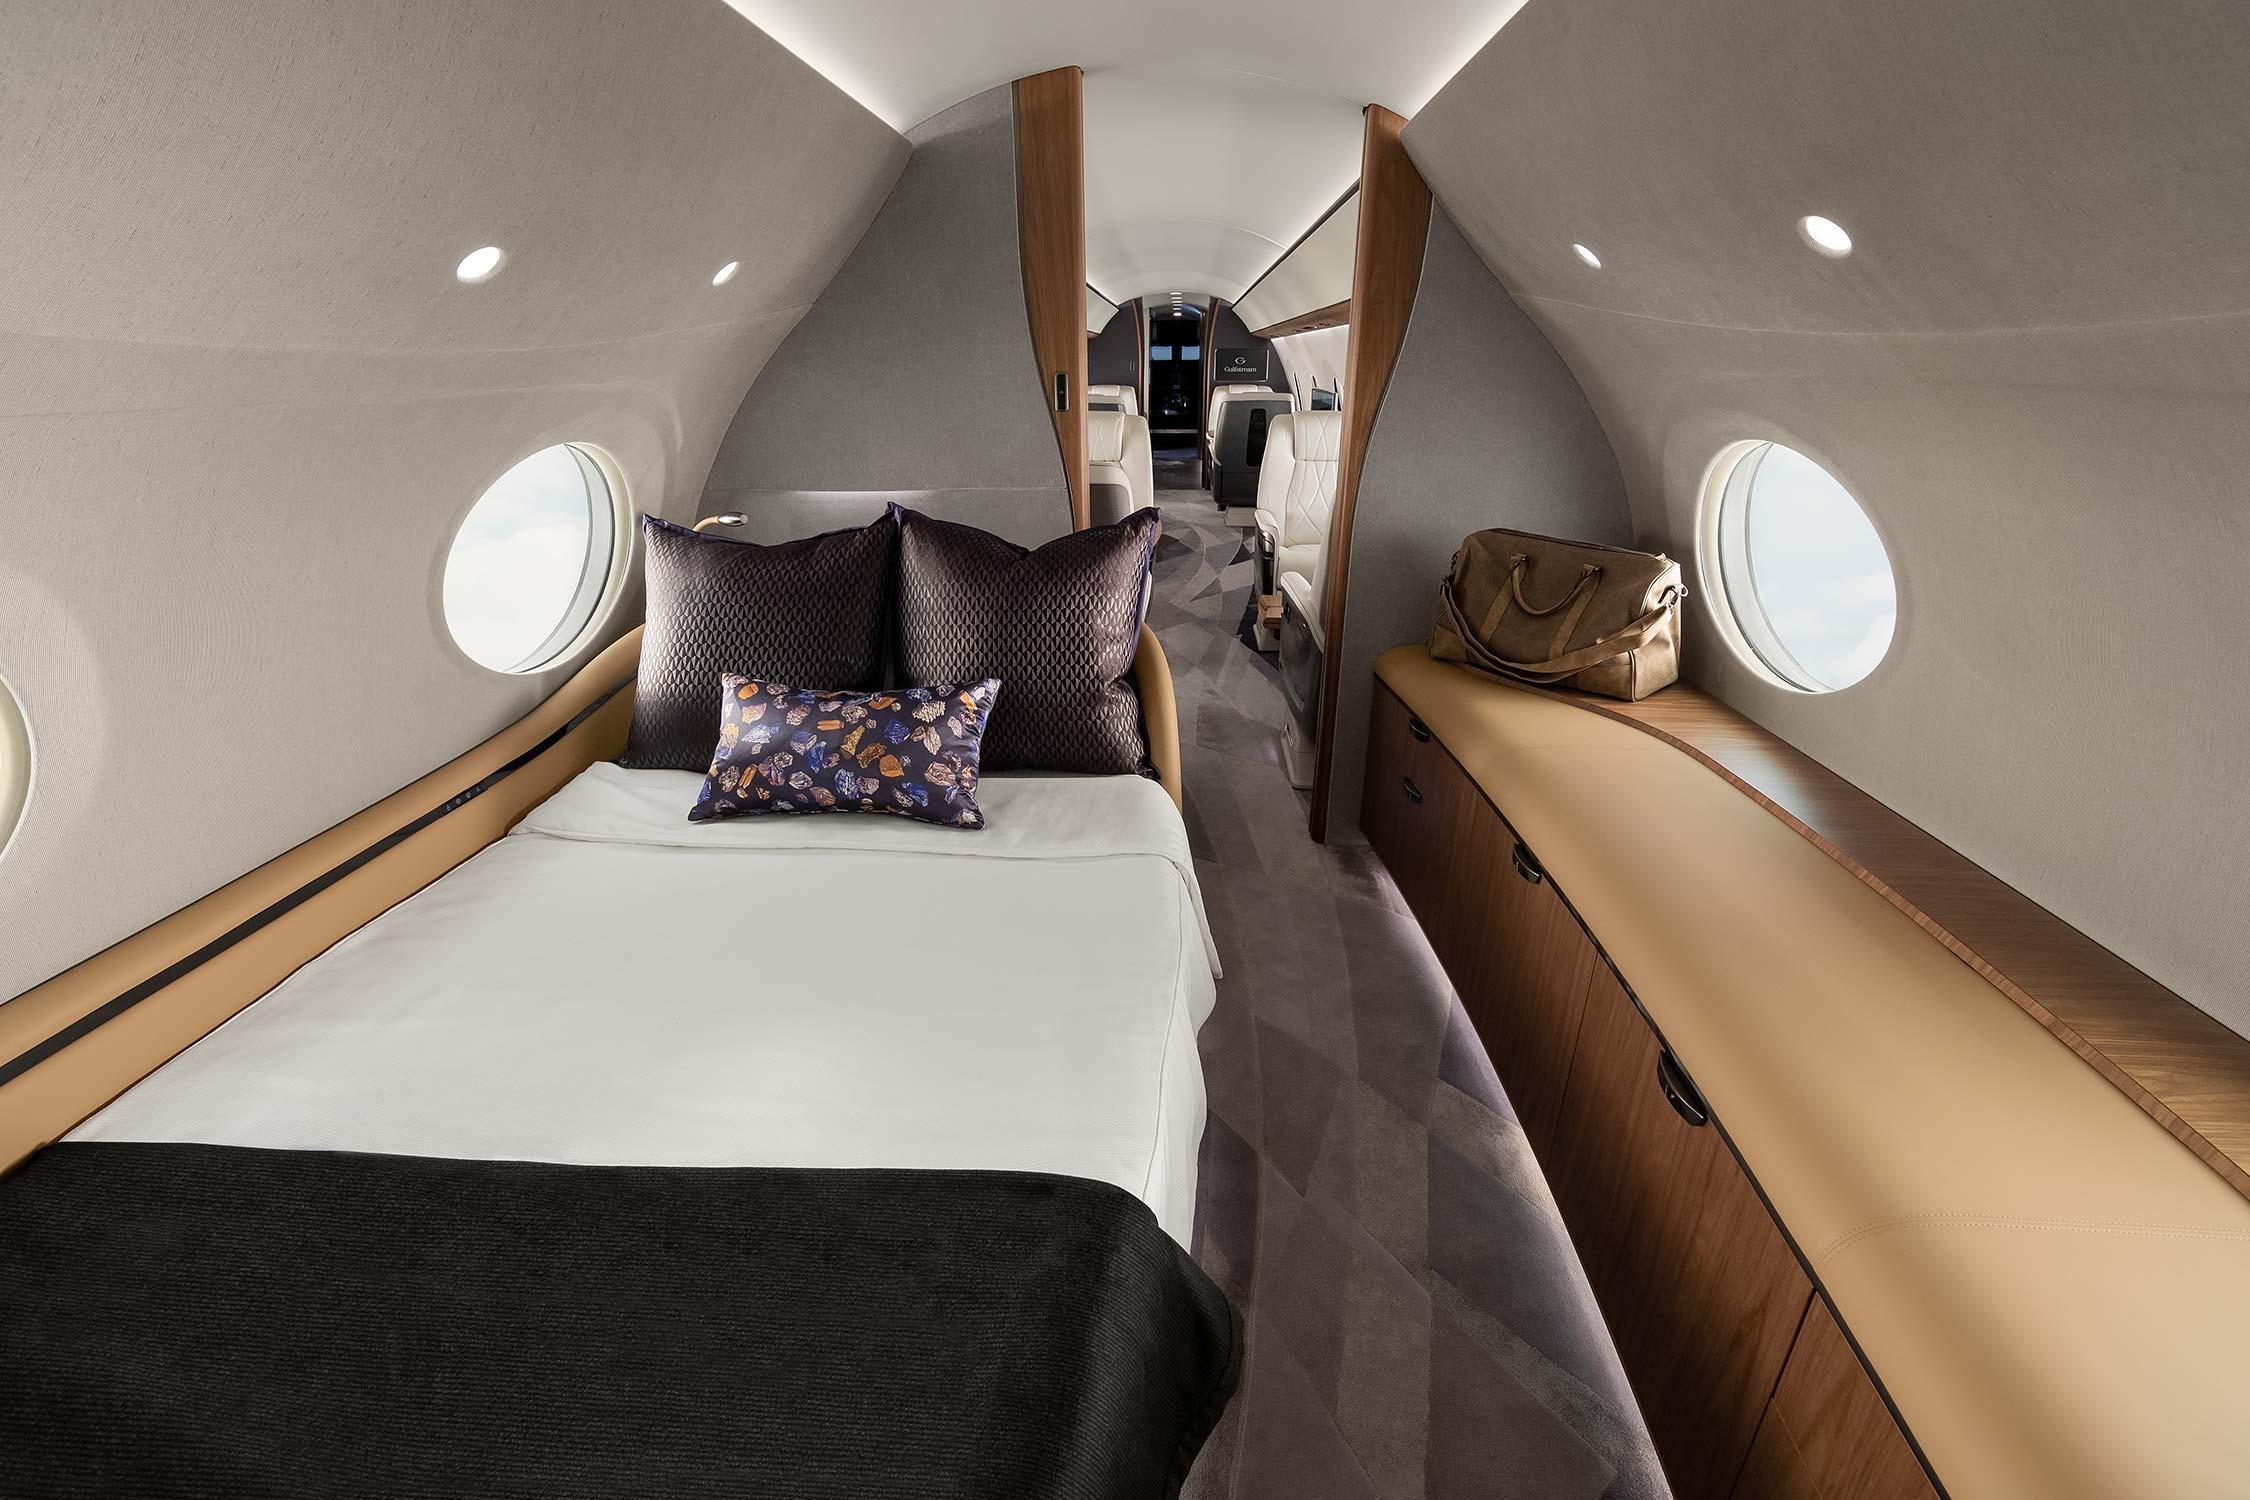 Gulfstream G700 Bedroom